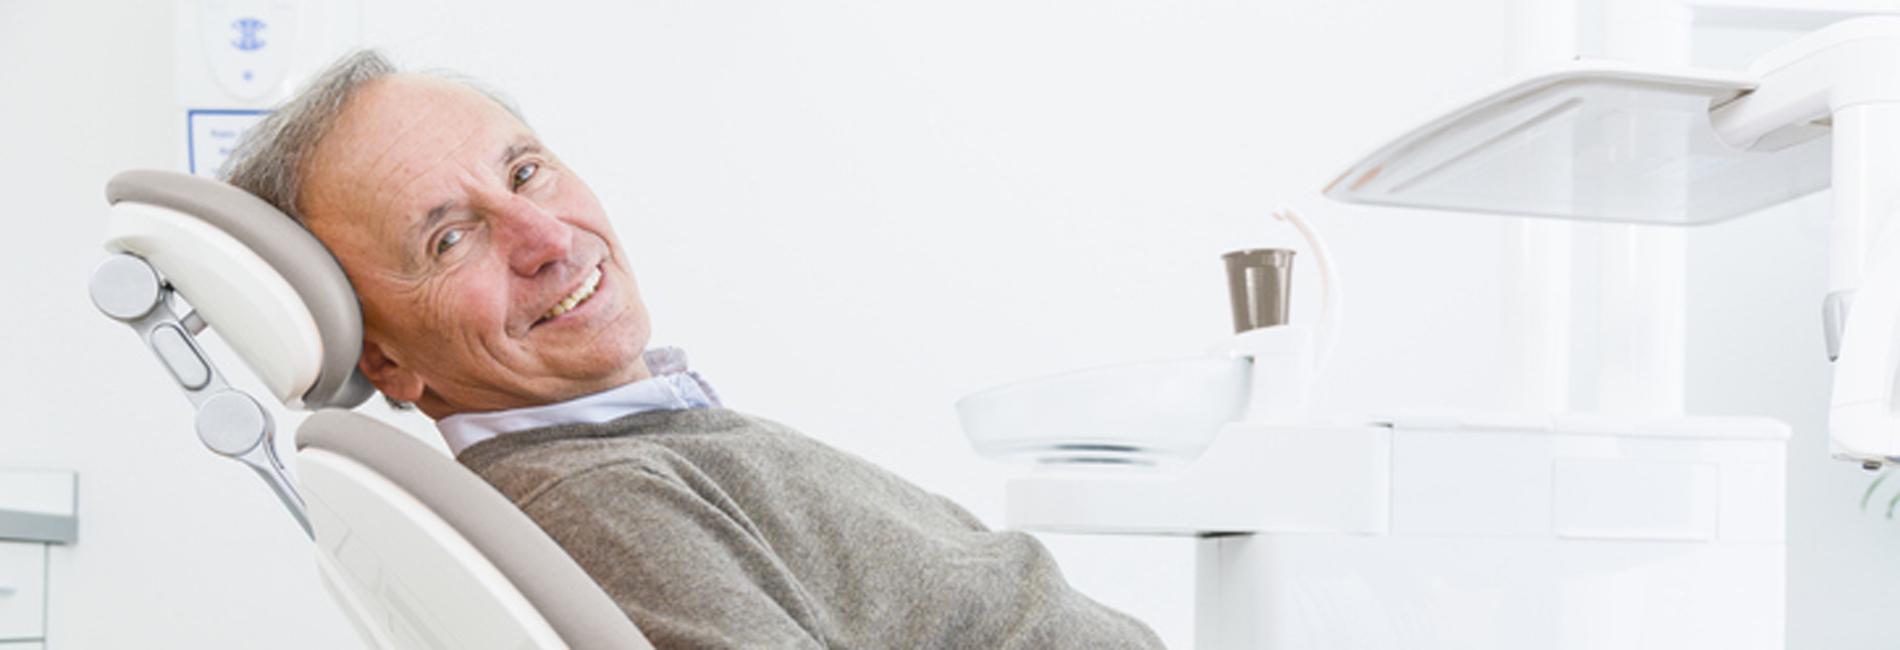 Zahnarzt-Tornesch-Parodontologie-Header